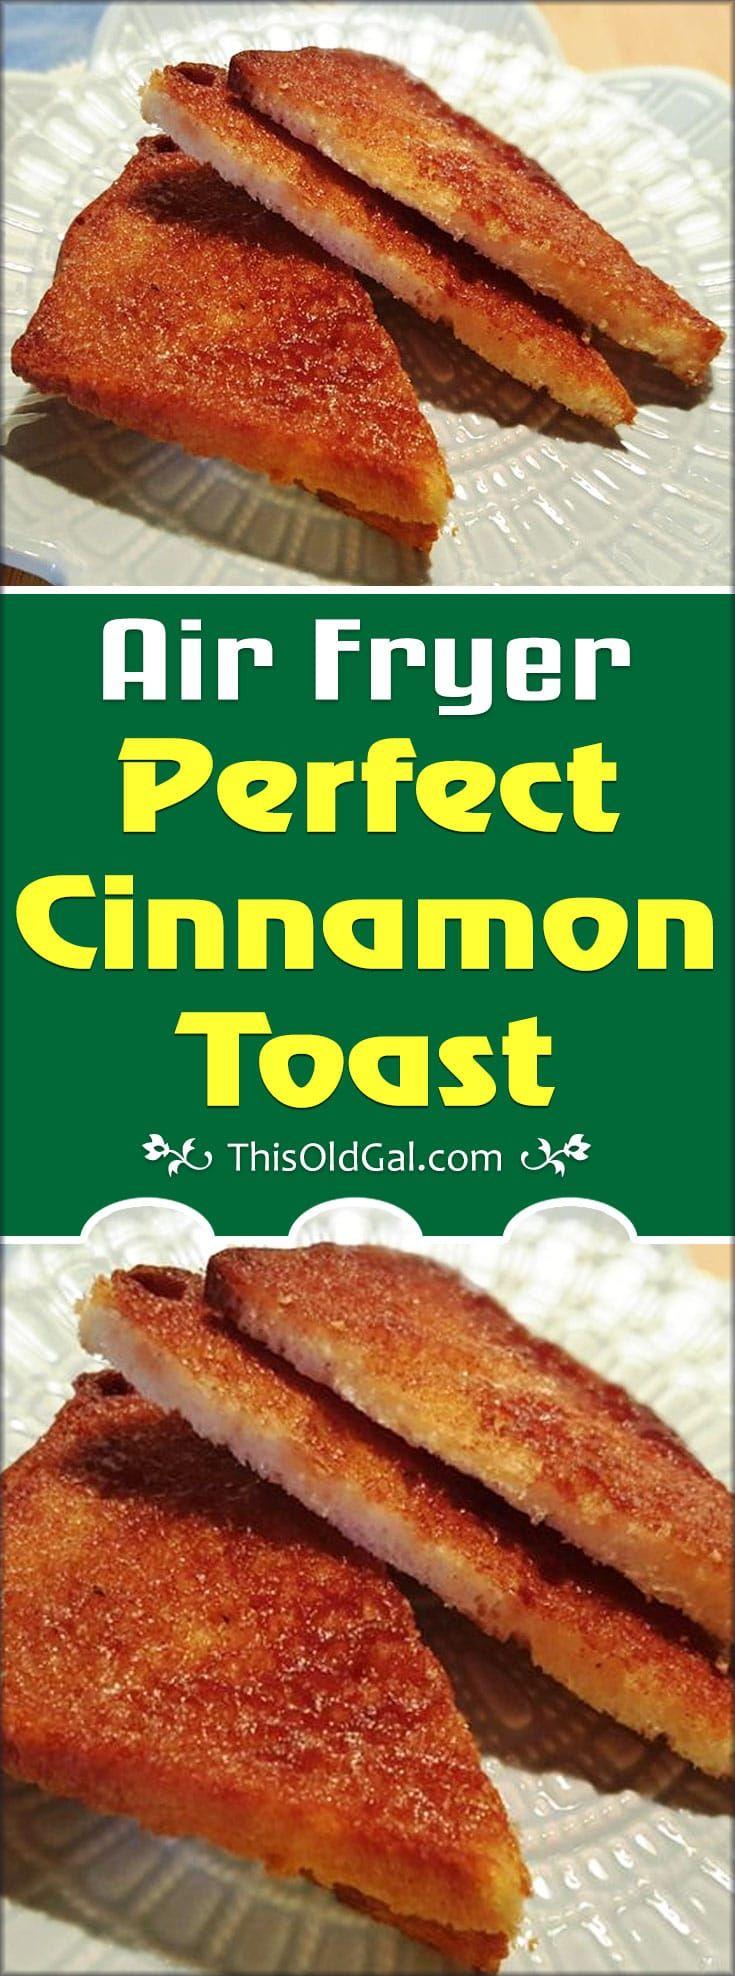 Park Art|My WordPress Blog_How To Make Cinnamon Toast In Air Fryer